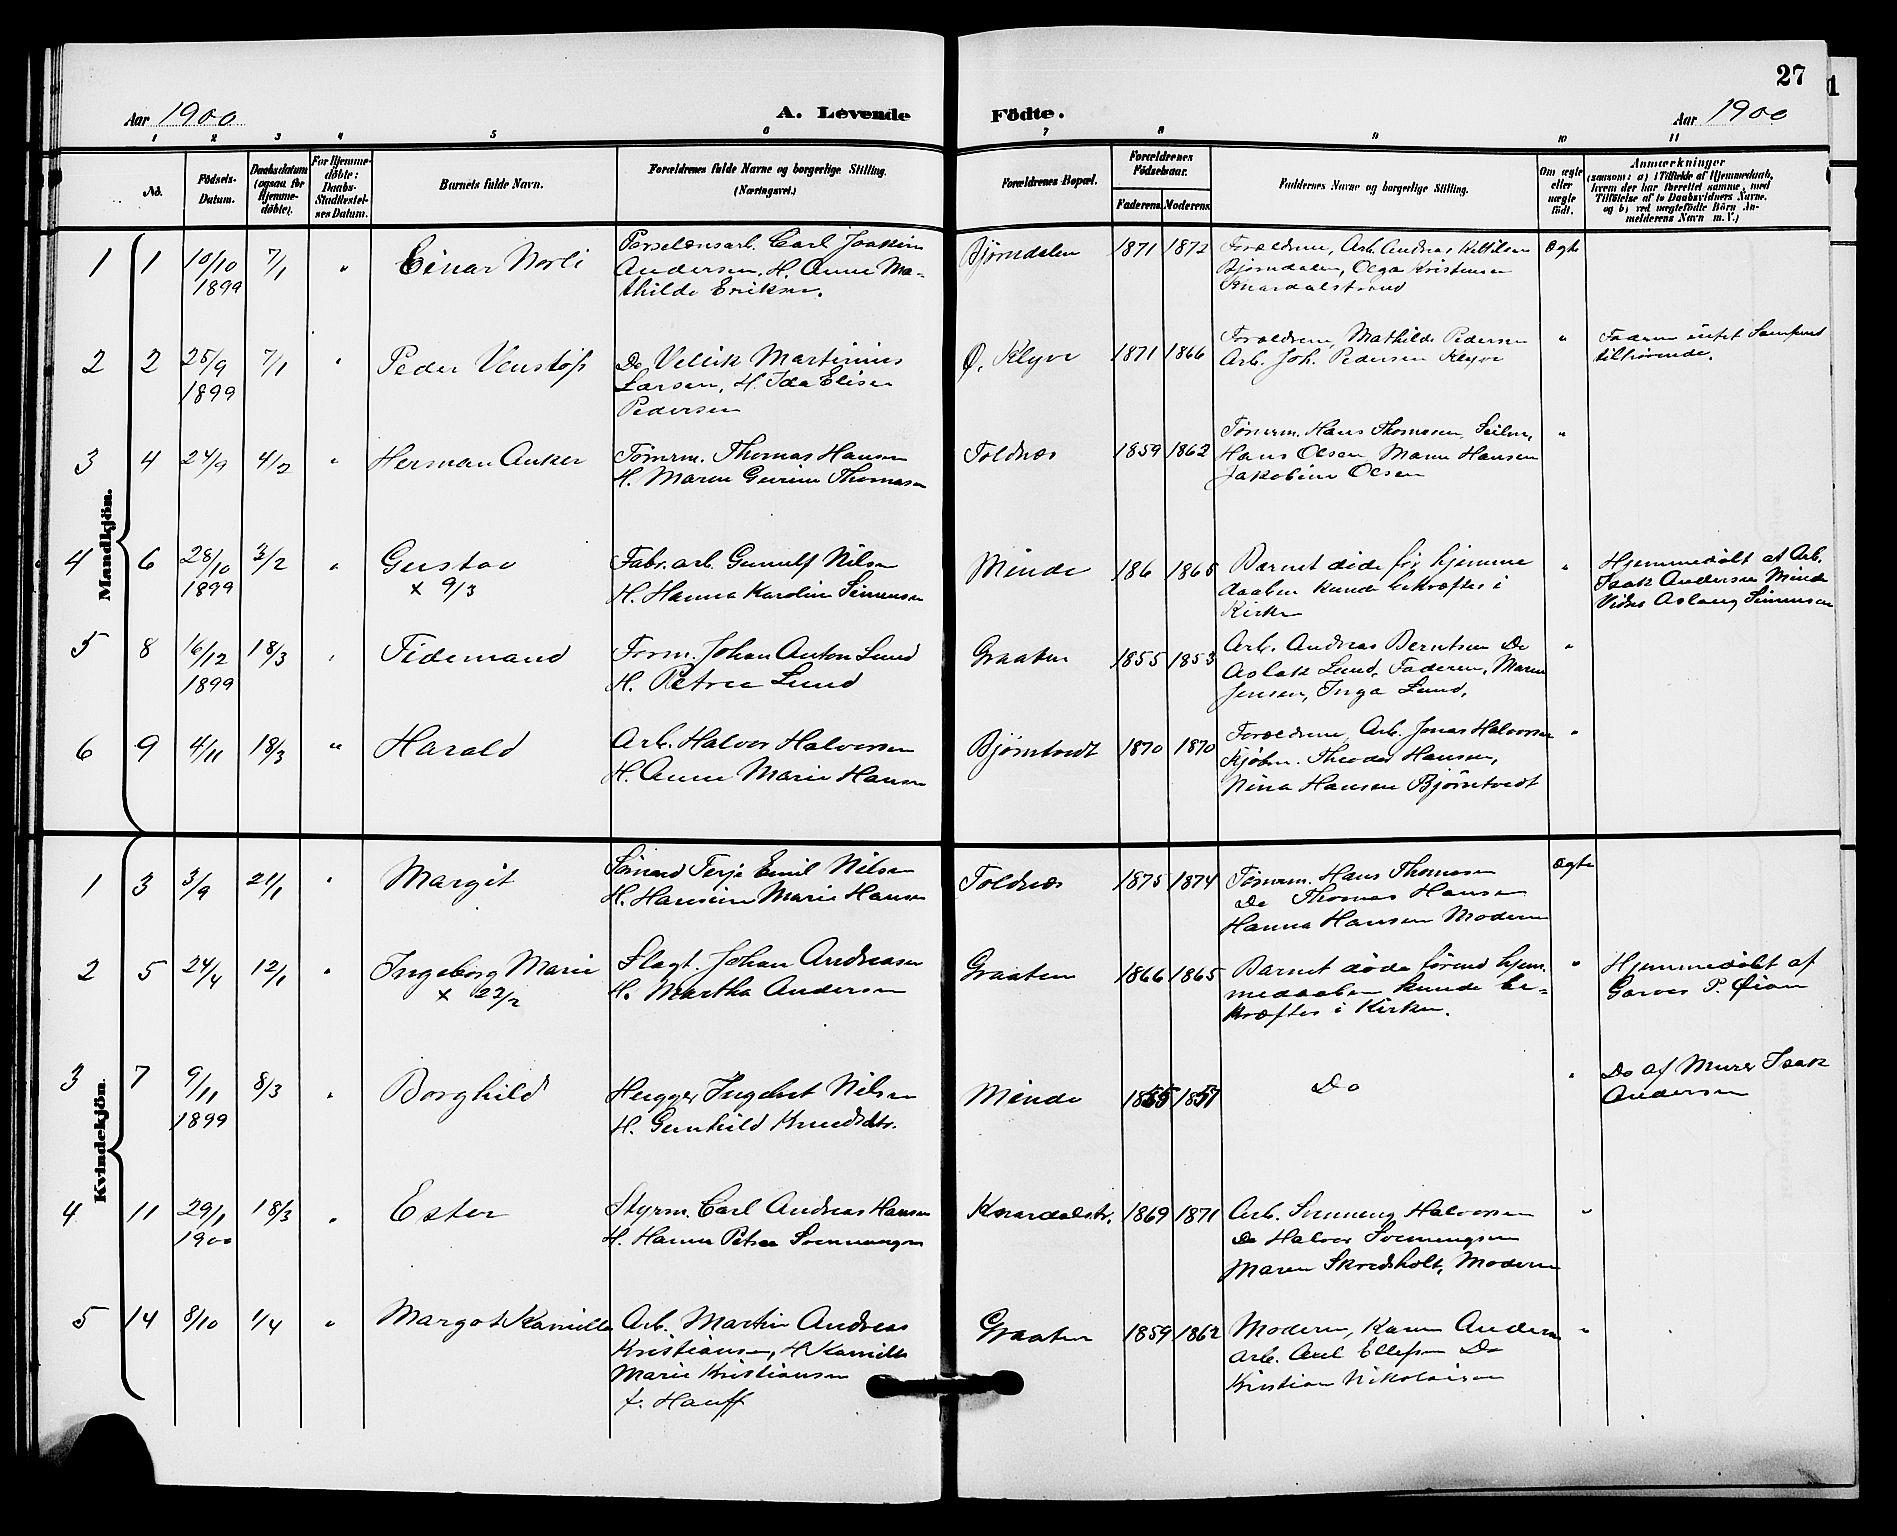 SAKO, Solum kirkebøker, G/Ga/L0008: Klokkerbok nr. I 8, 1898-1909, s. 27